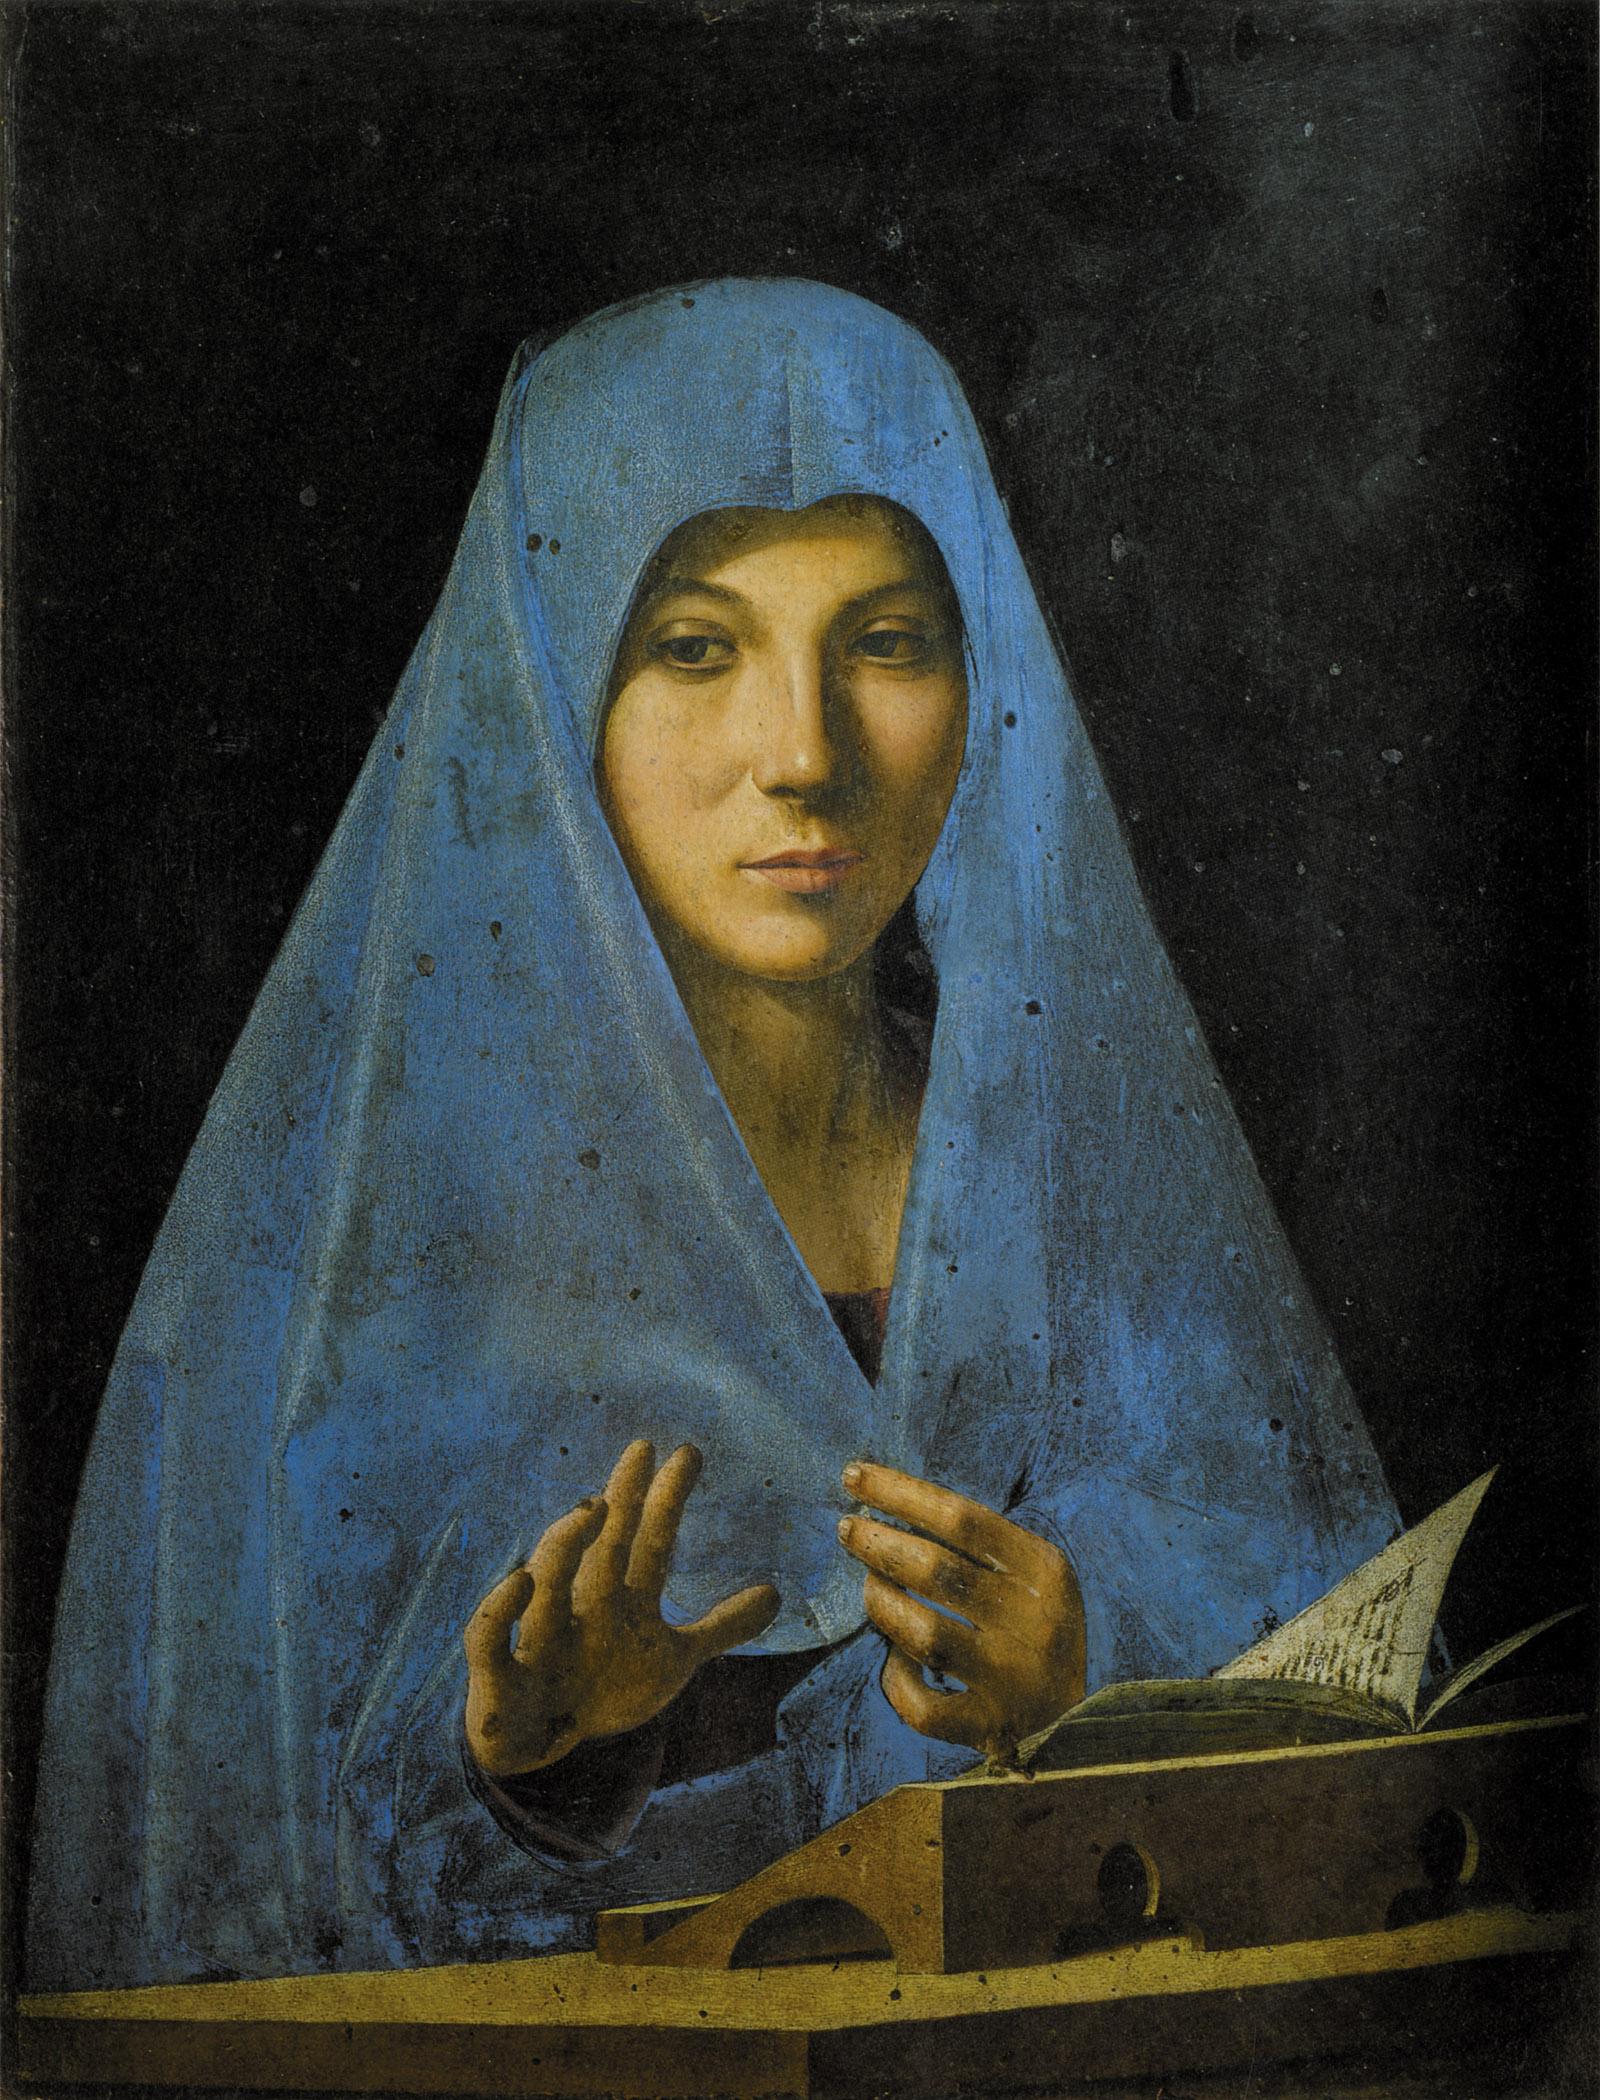 Annunciate Madonna by Antonello da Messina